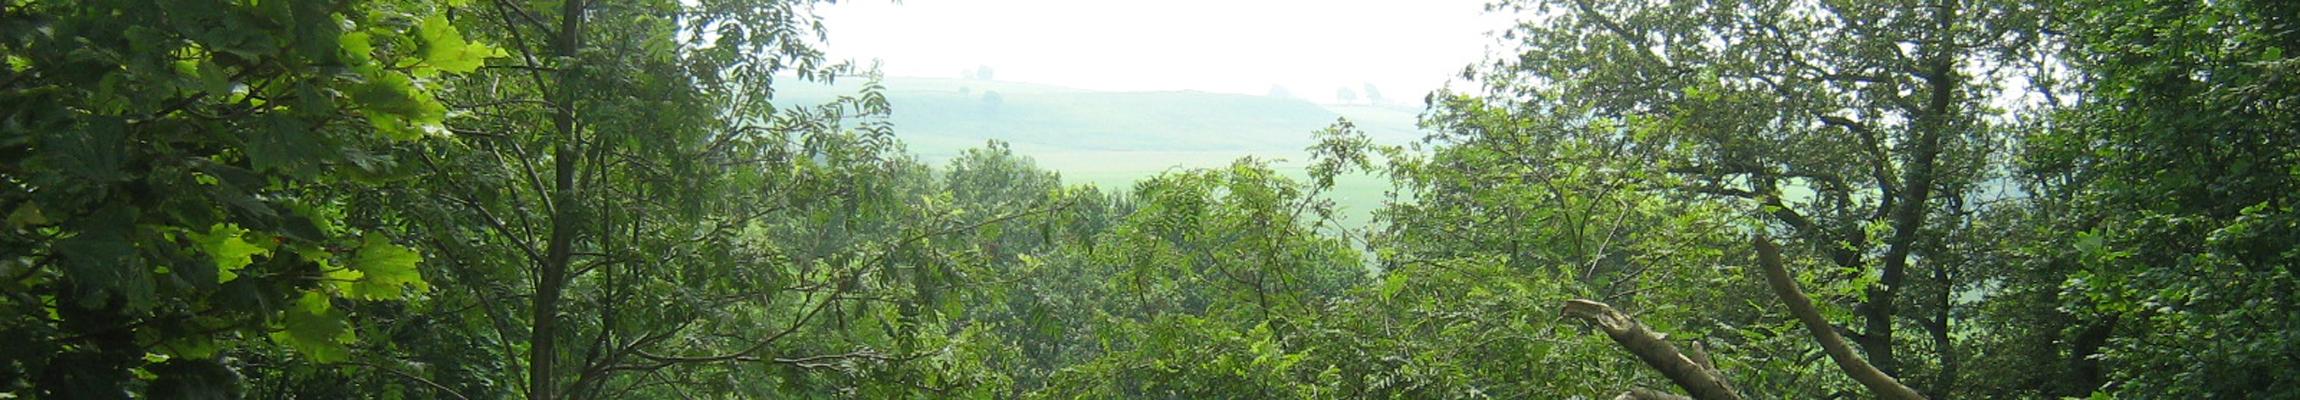 Bantam Wood